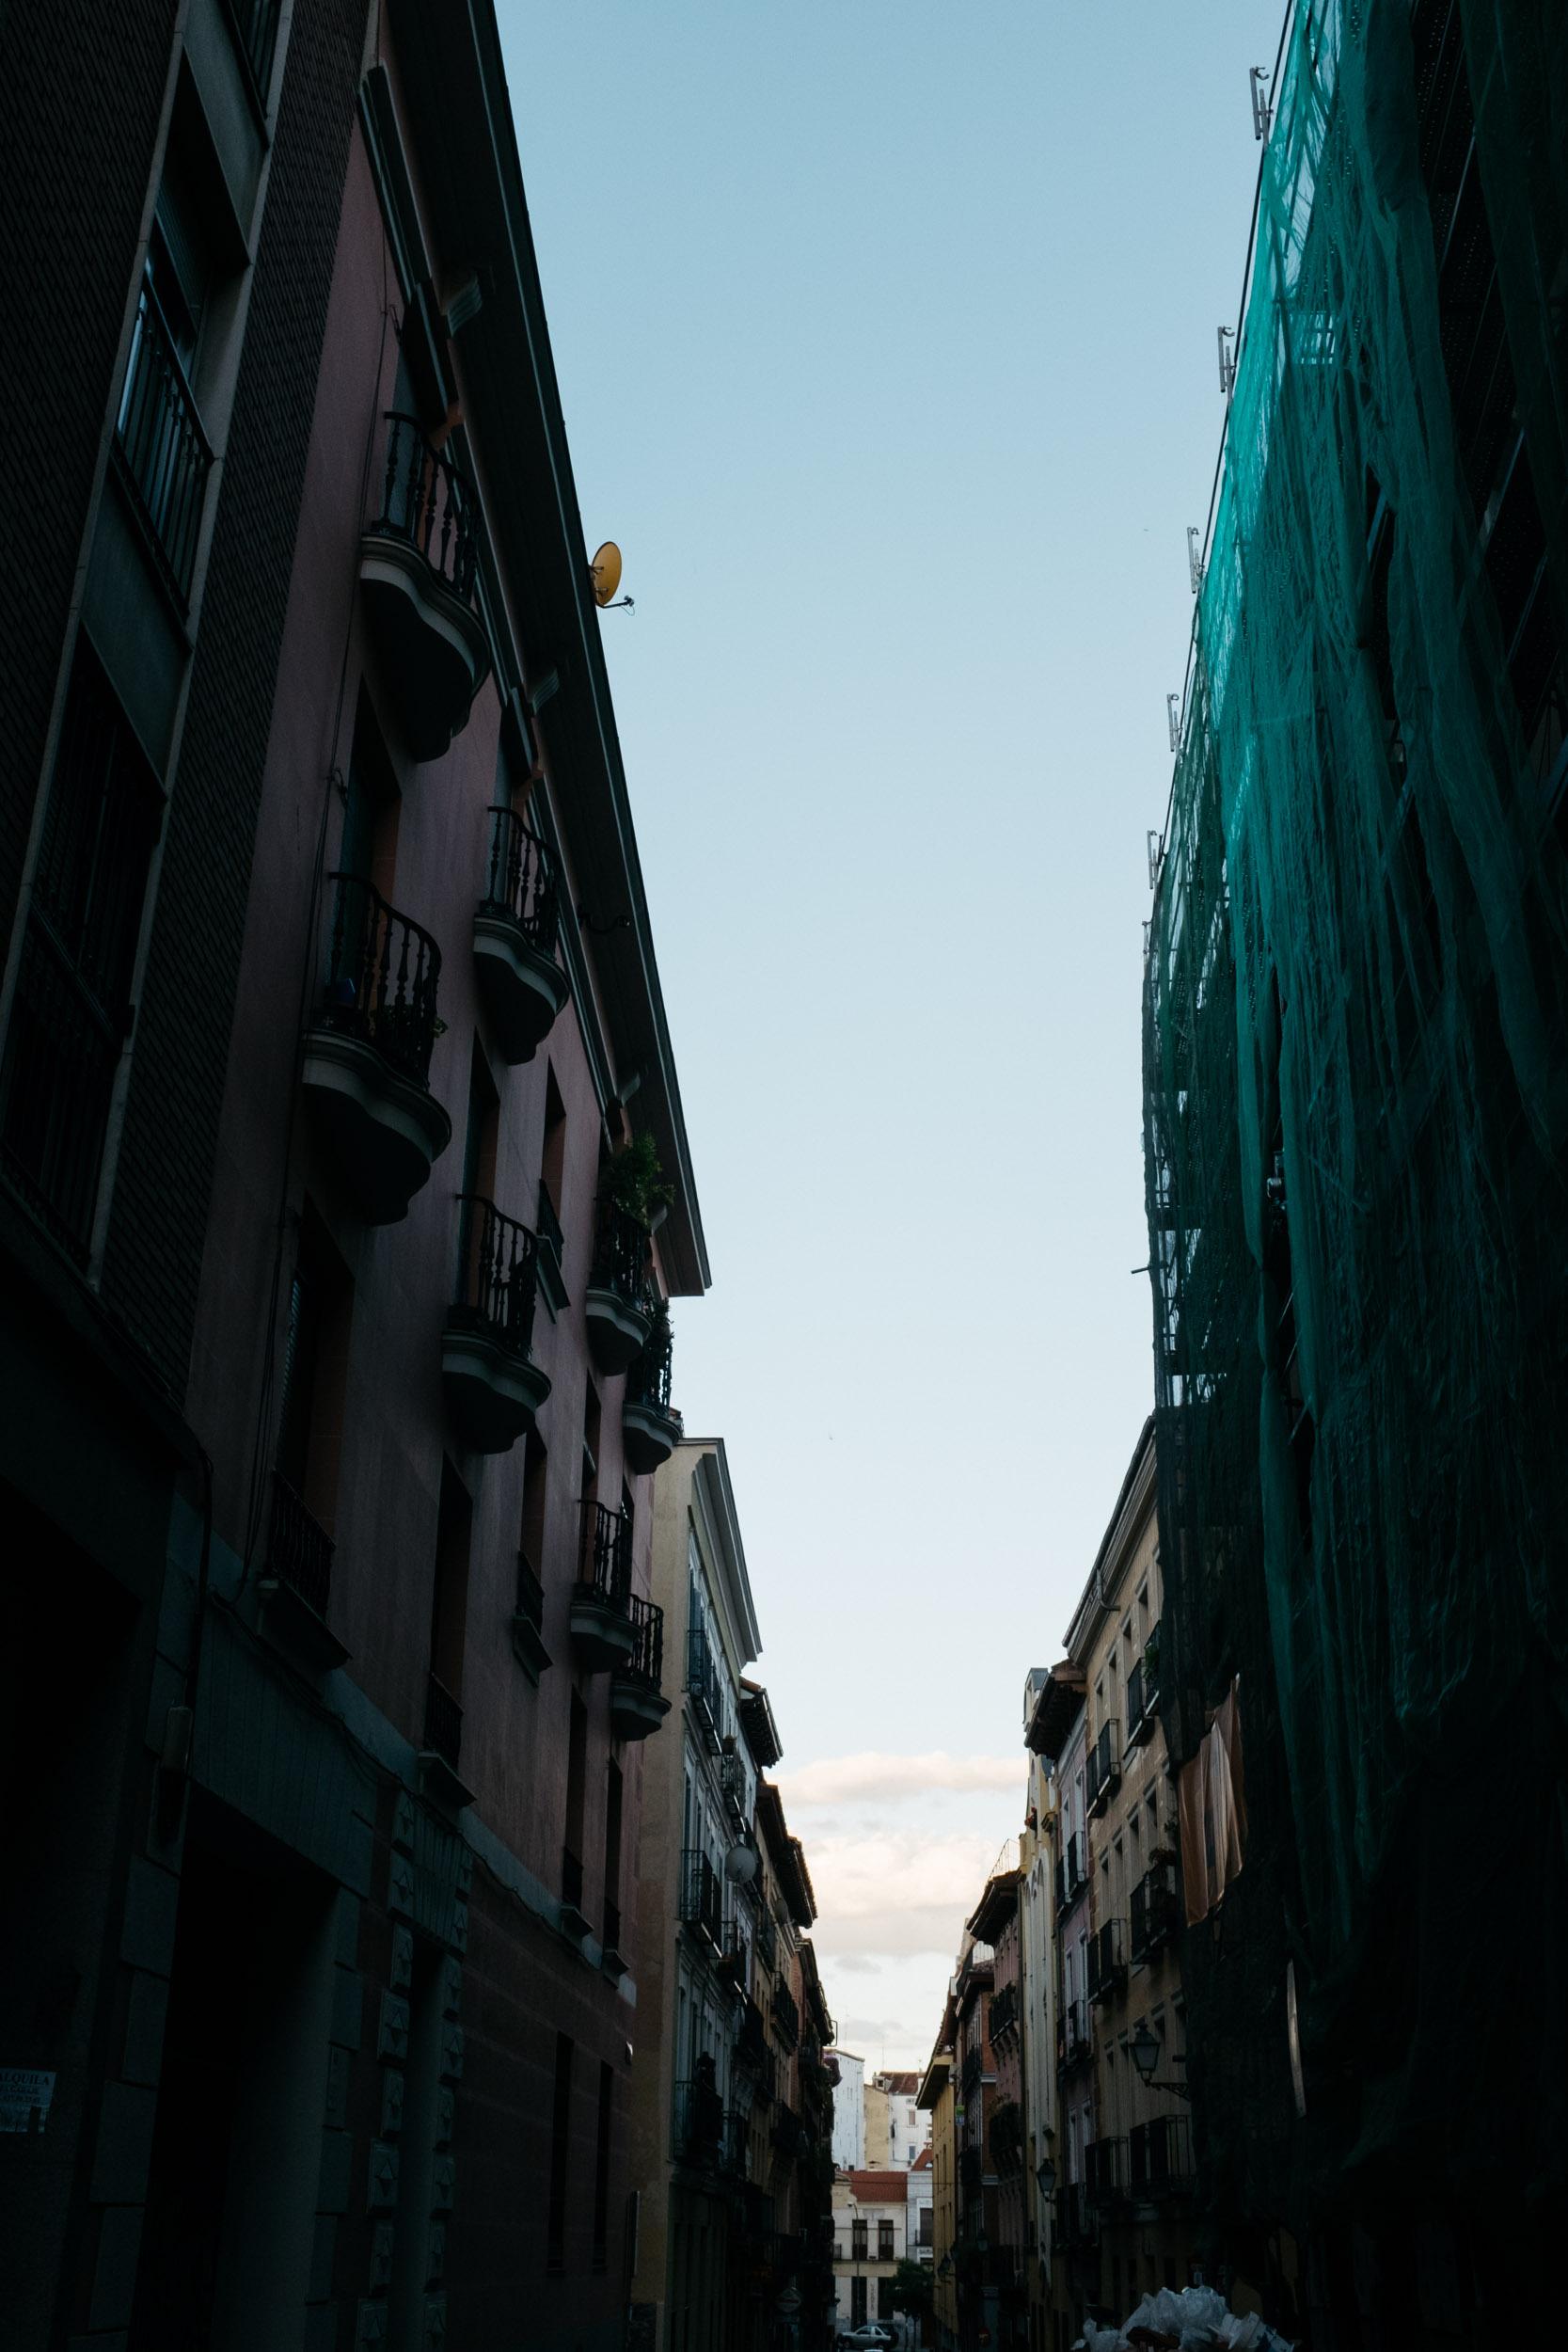 Sky between buildings in Europe